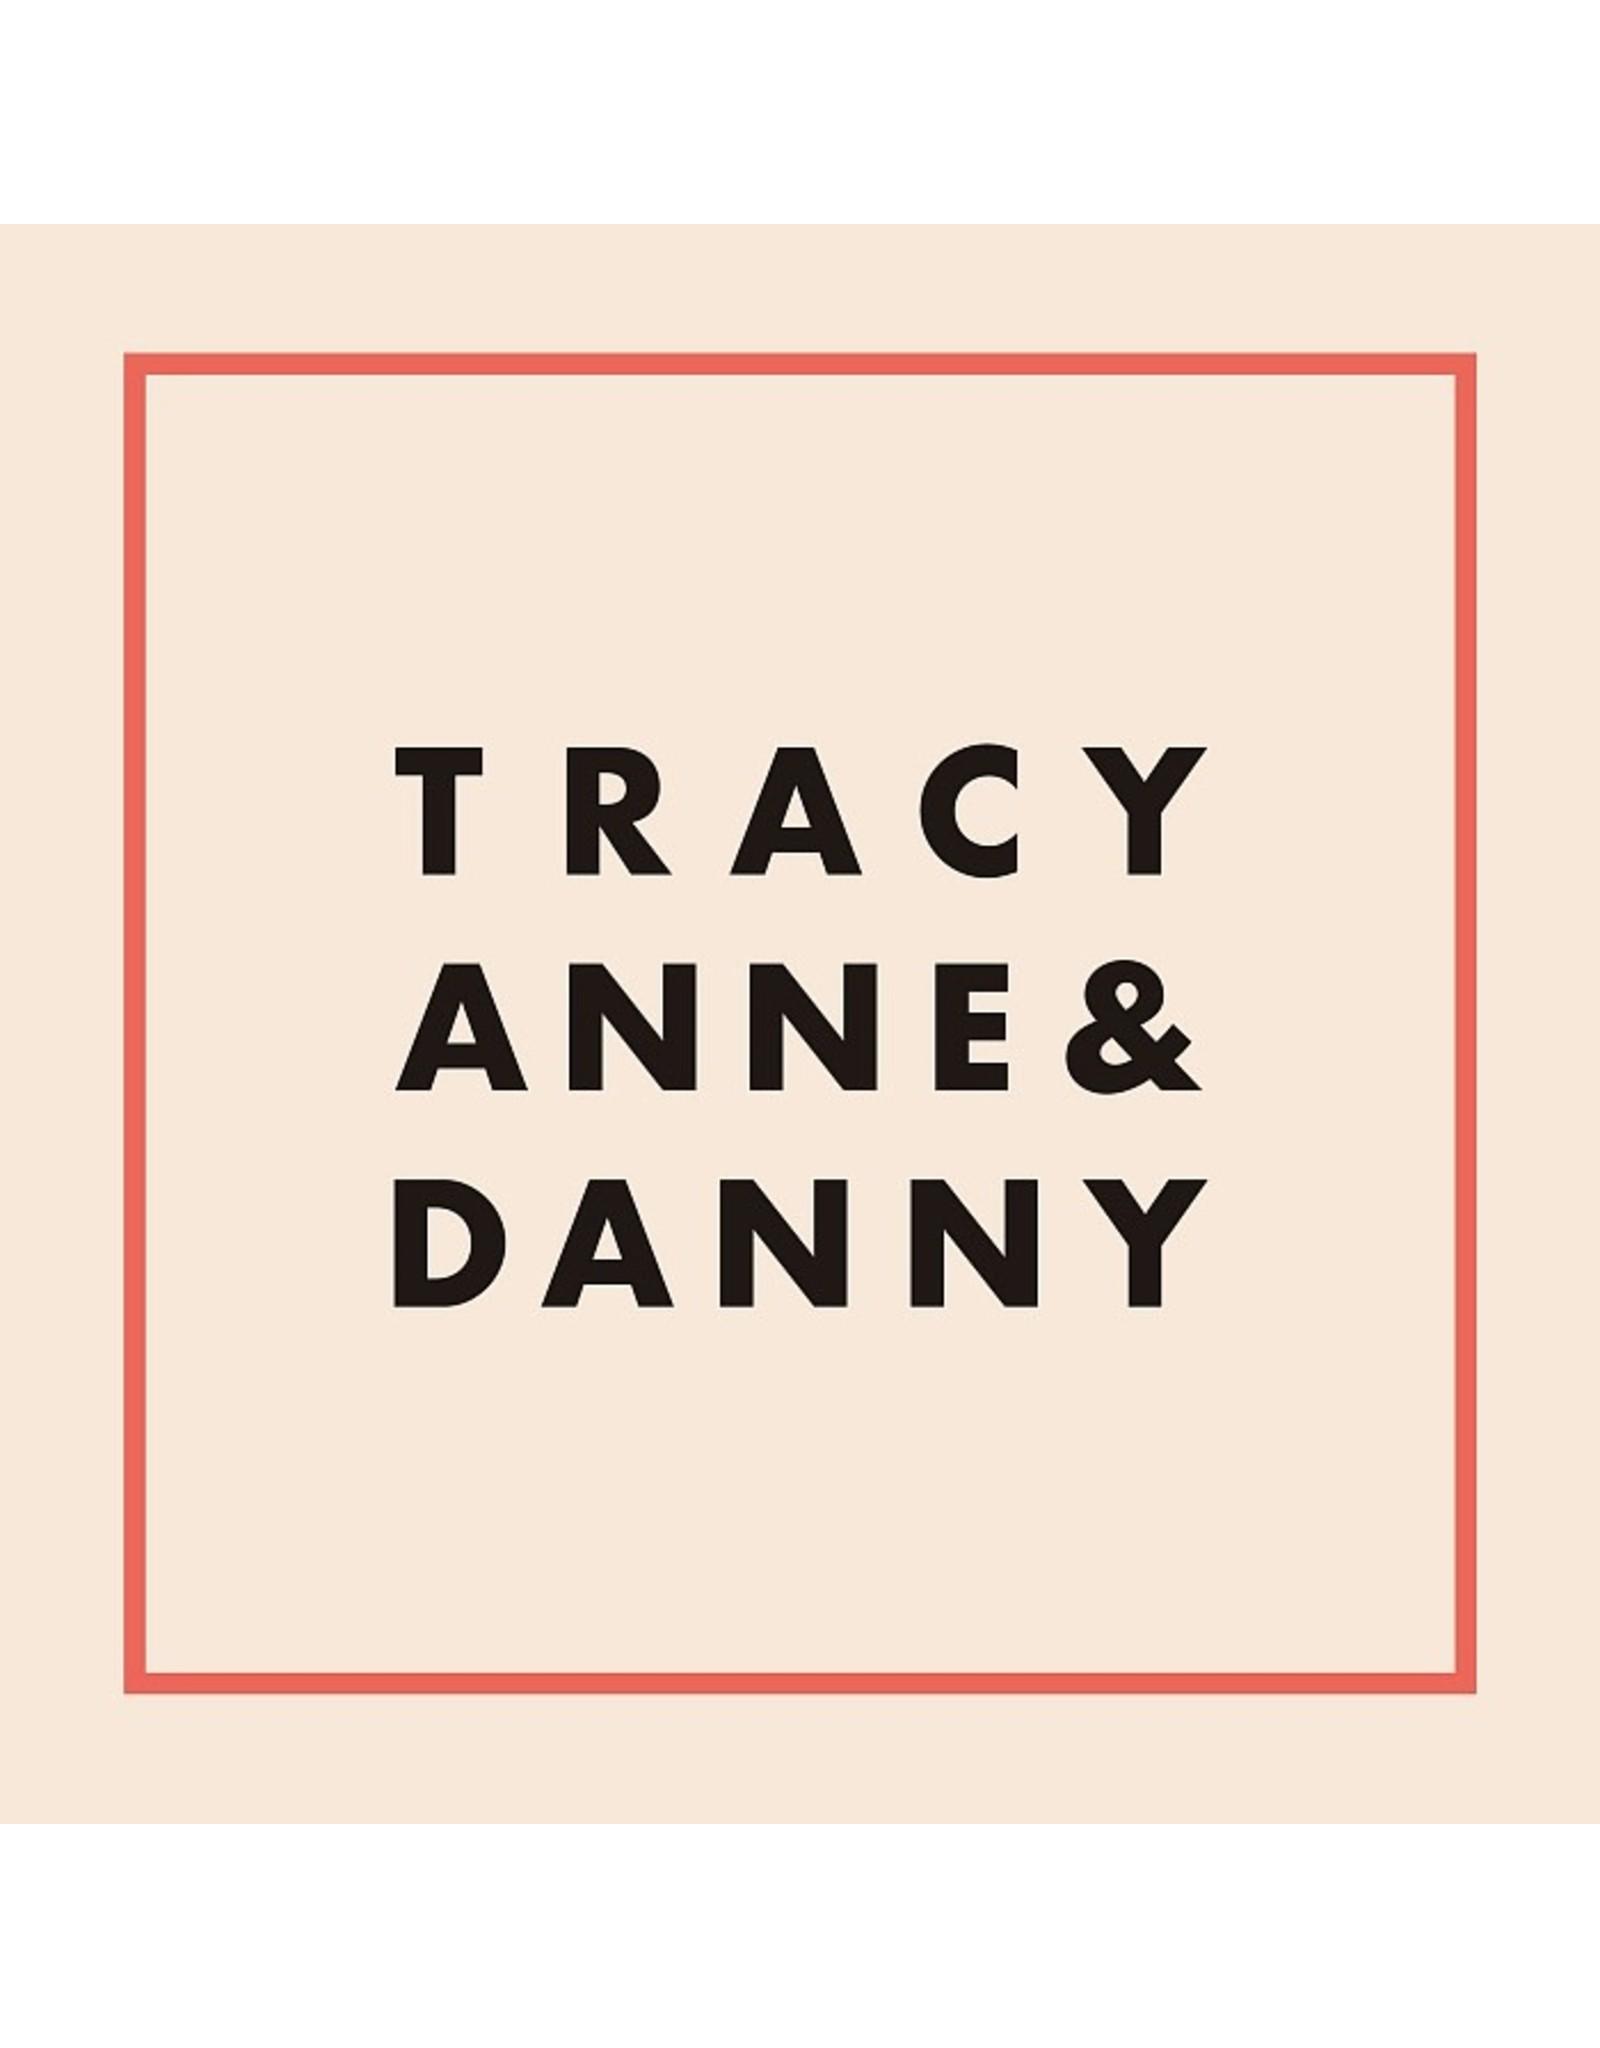 Tracyanne & Danny - S/T (Ltd. Indie Shop Version) LP